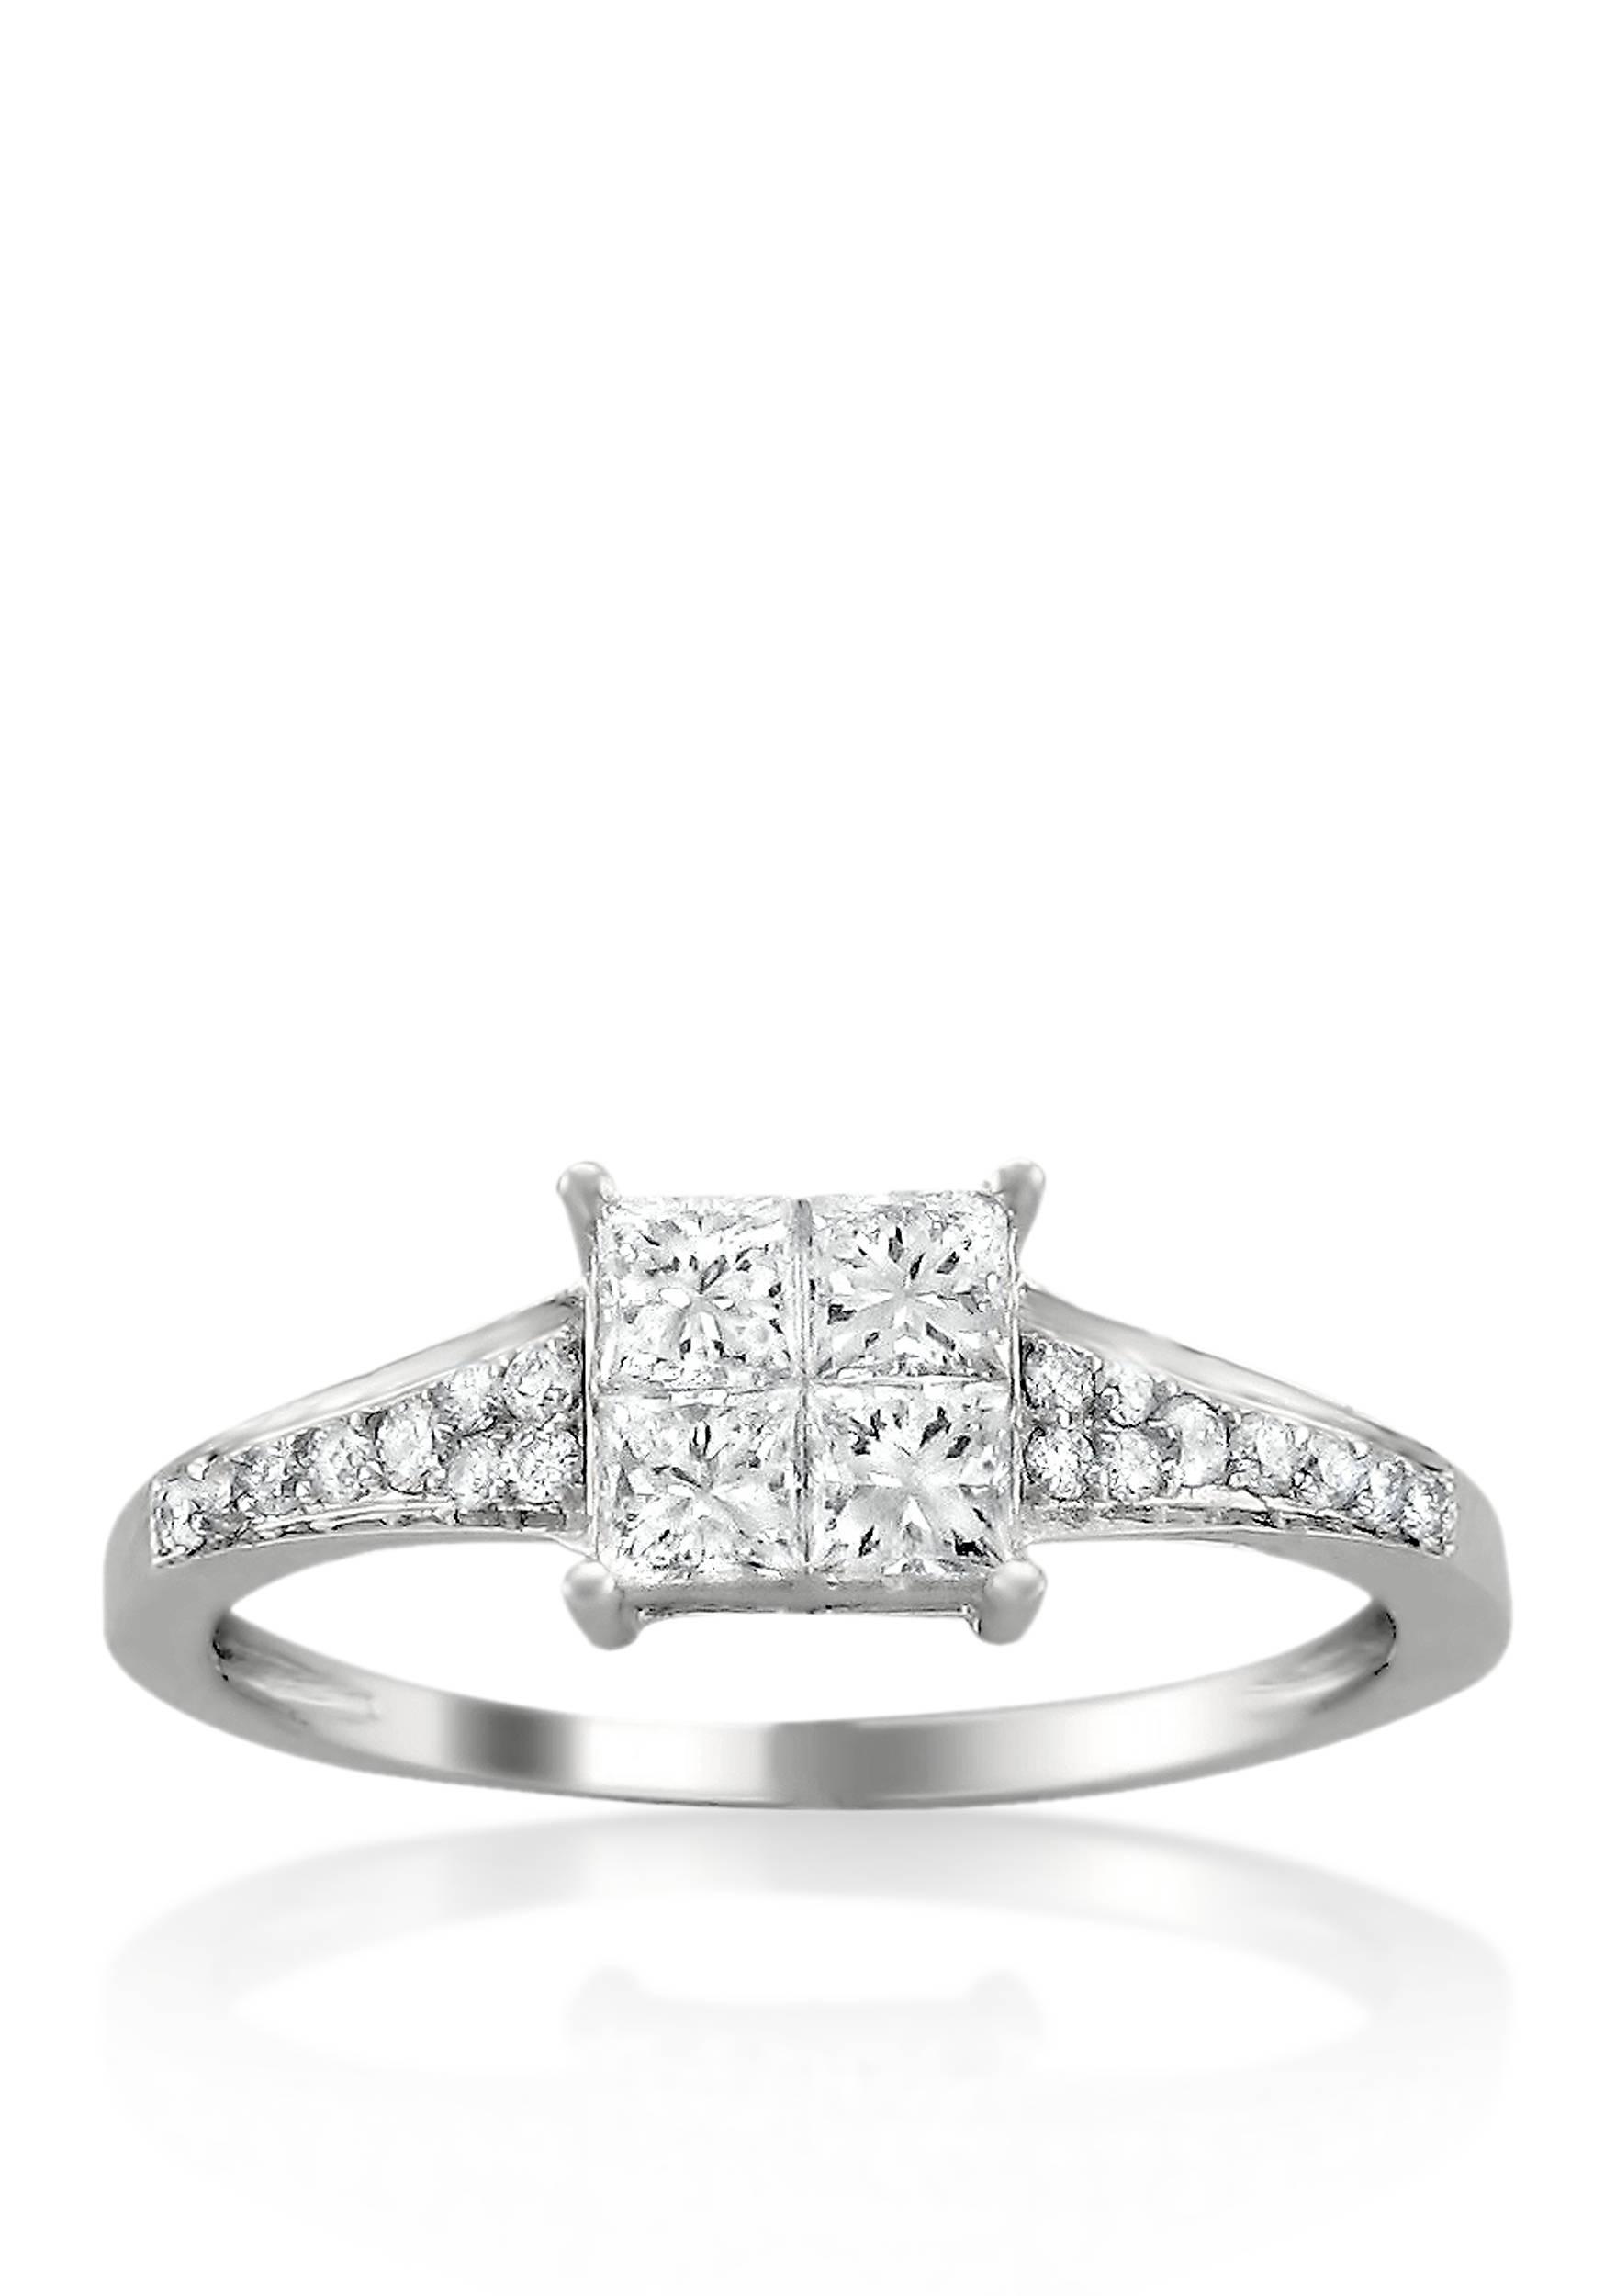 Belk & Co. 1/3 ct. t.w. Diamond Engagement Ring in 14k White Gold | belk